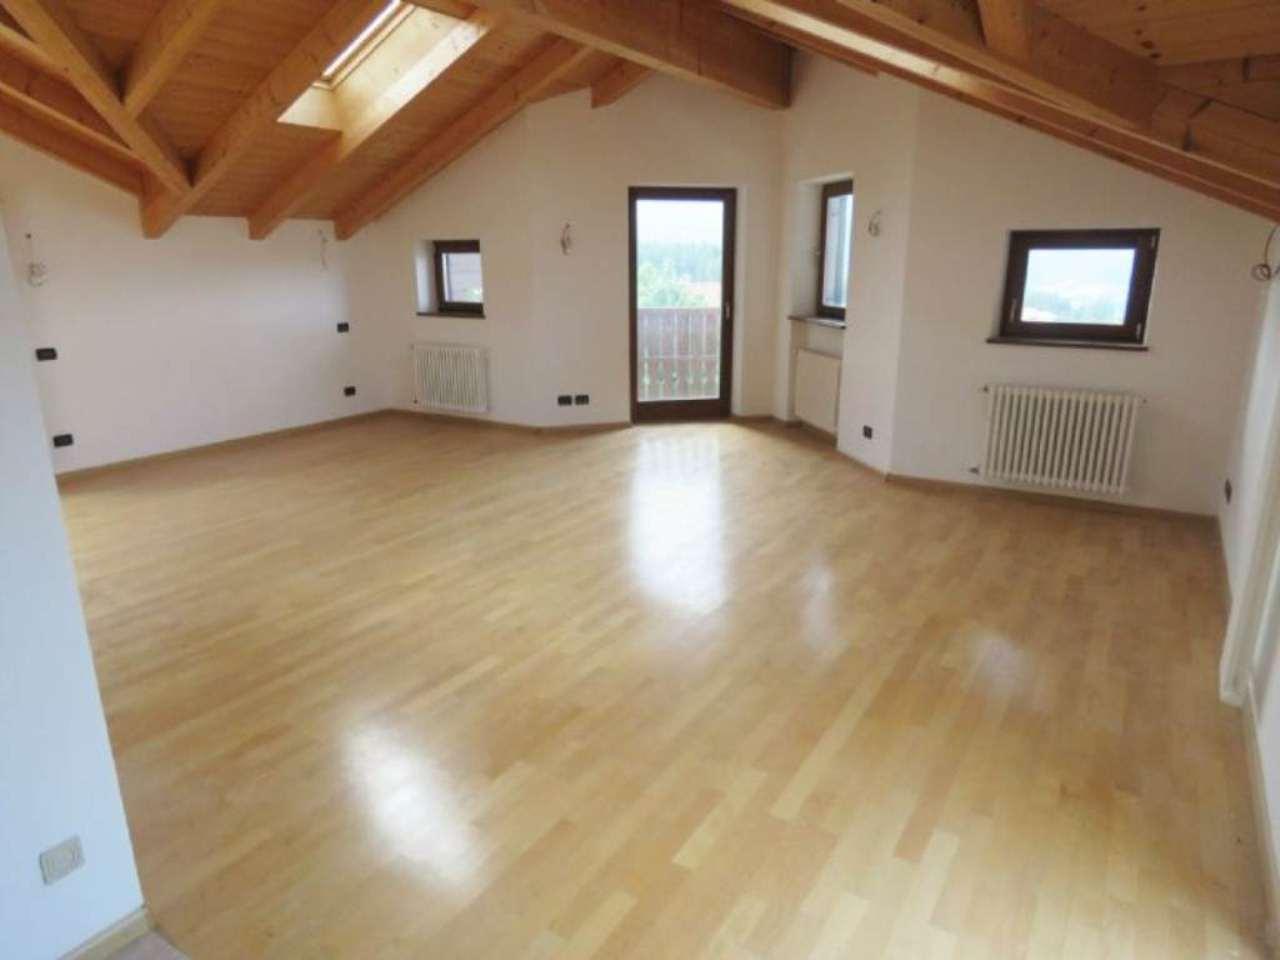 Attico / Mansarda in vendita a Renon, 1 locali, Trattative riservate | Cambio Casa.it